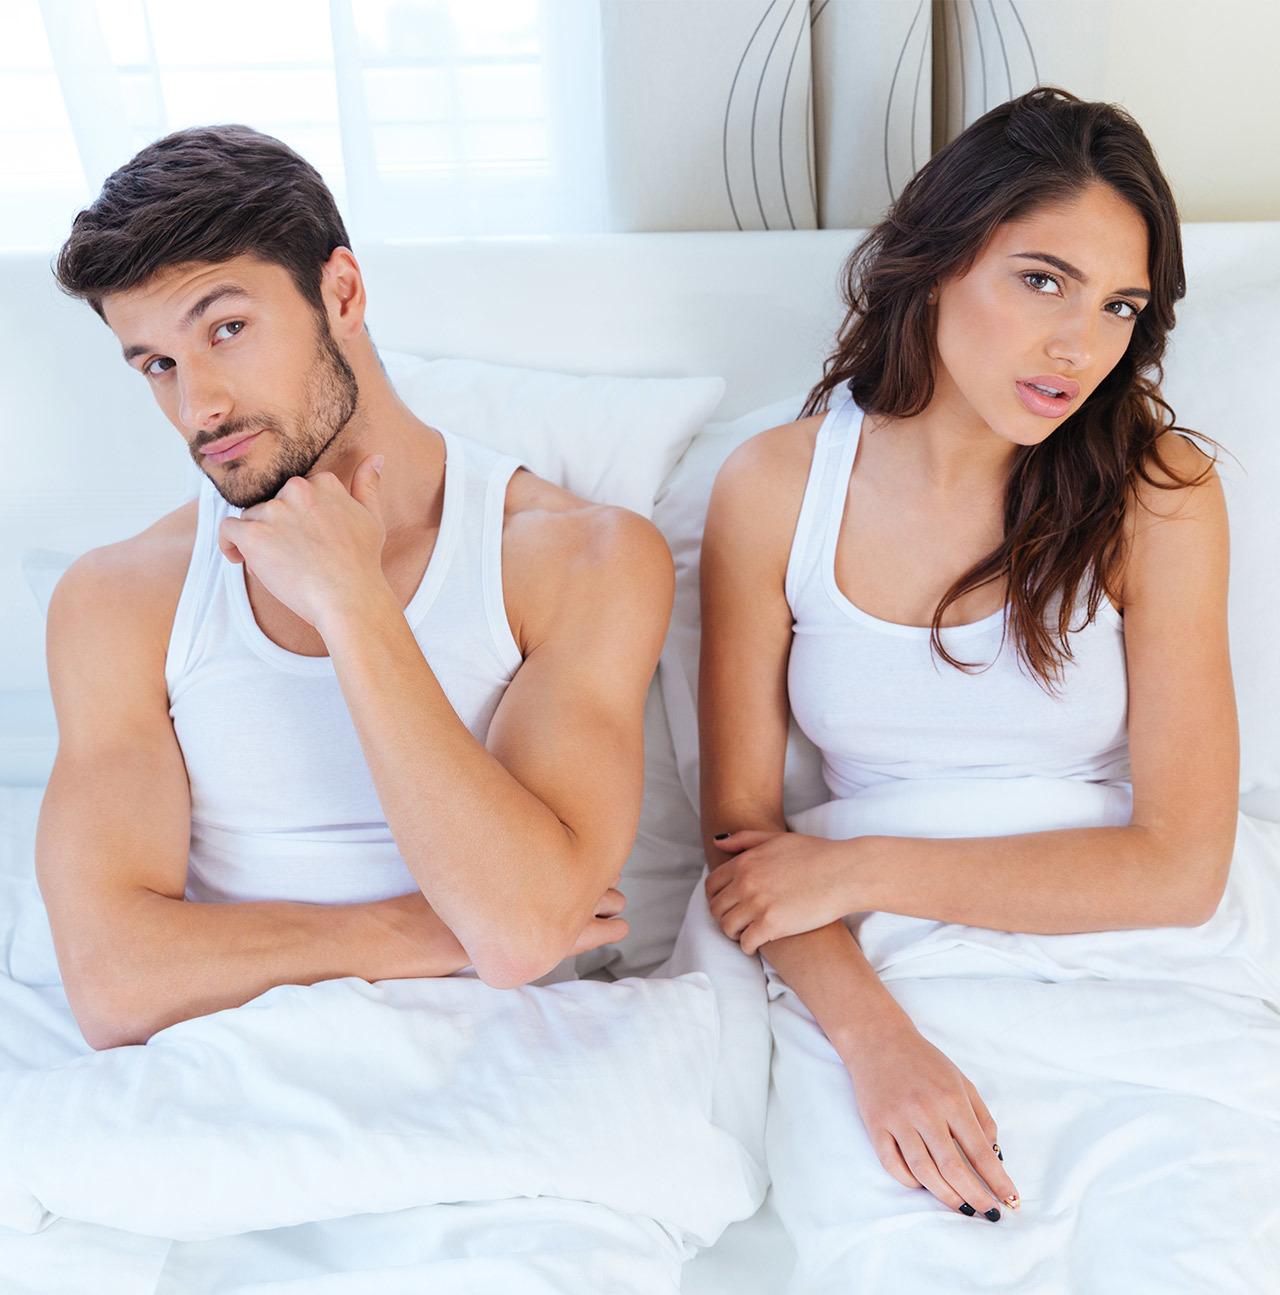 アラフォー女性が考えるセックスレスの基準は?レスになってしまった原因を調査!